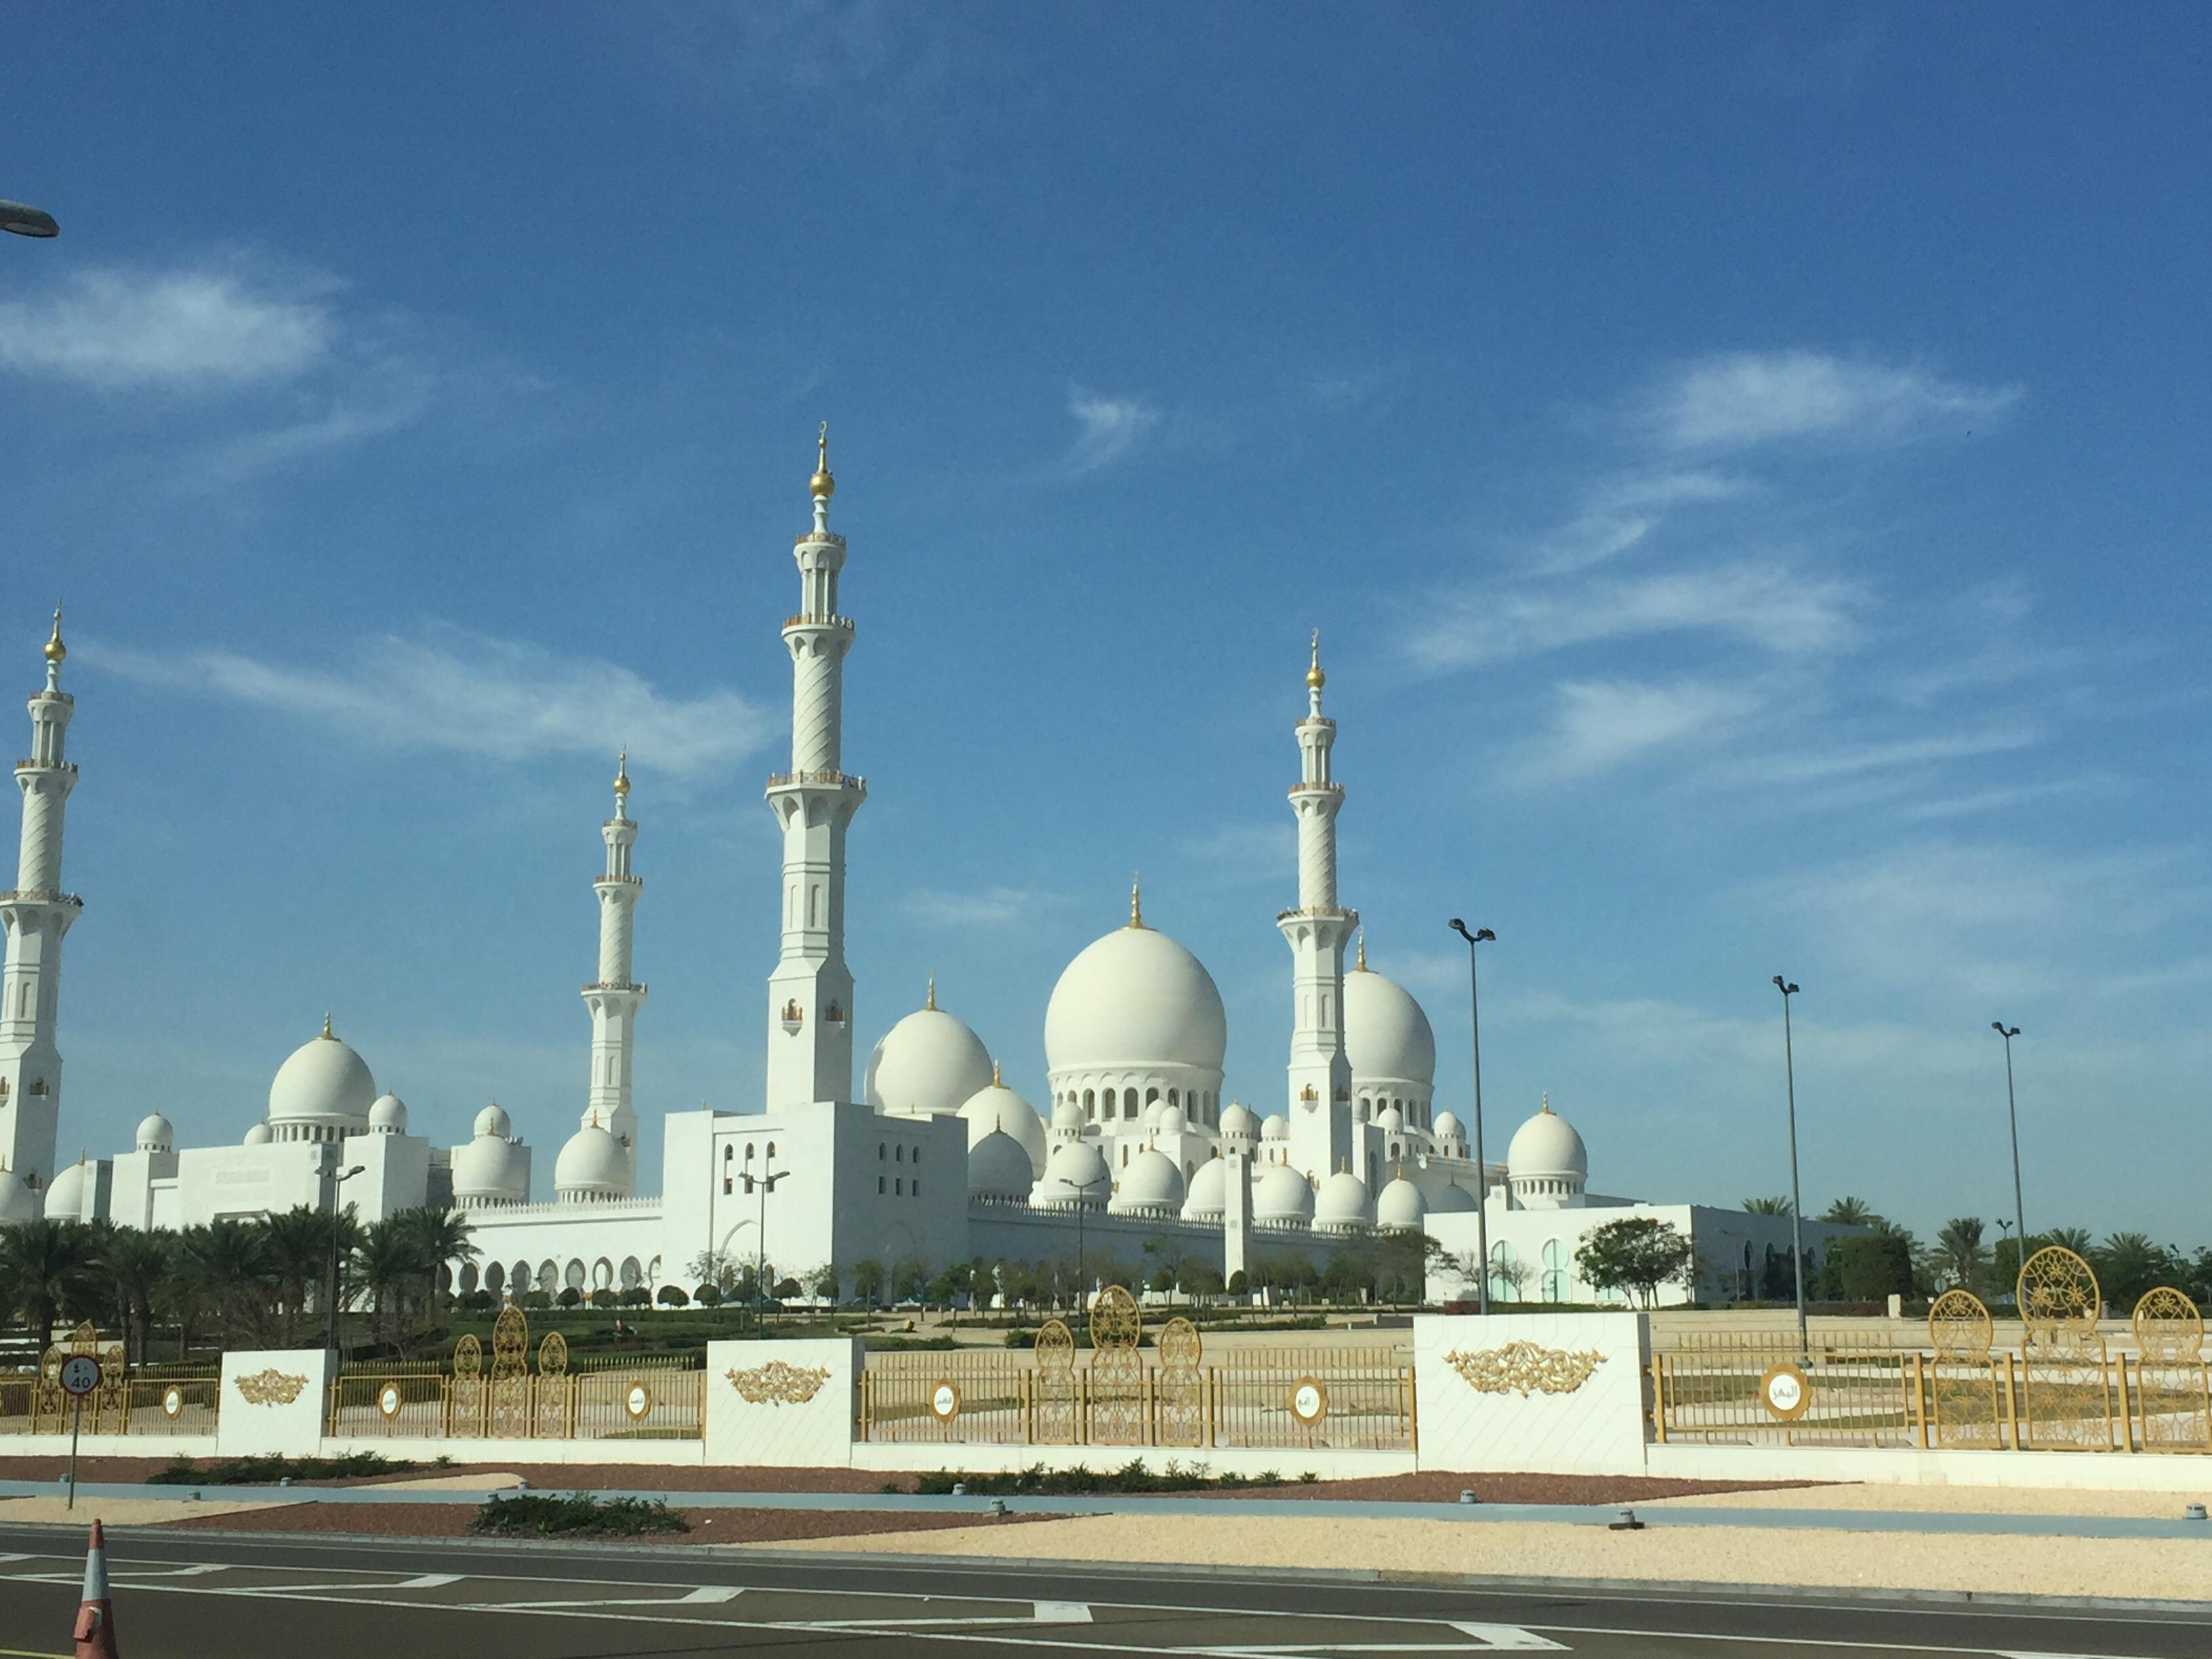 アブダビ モスク 昼